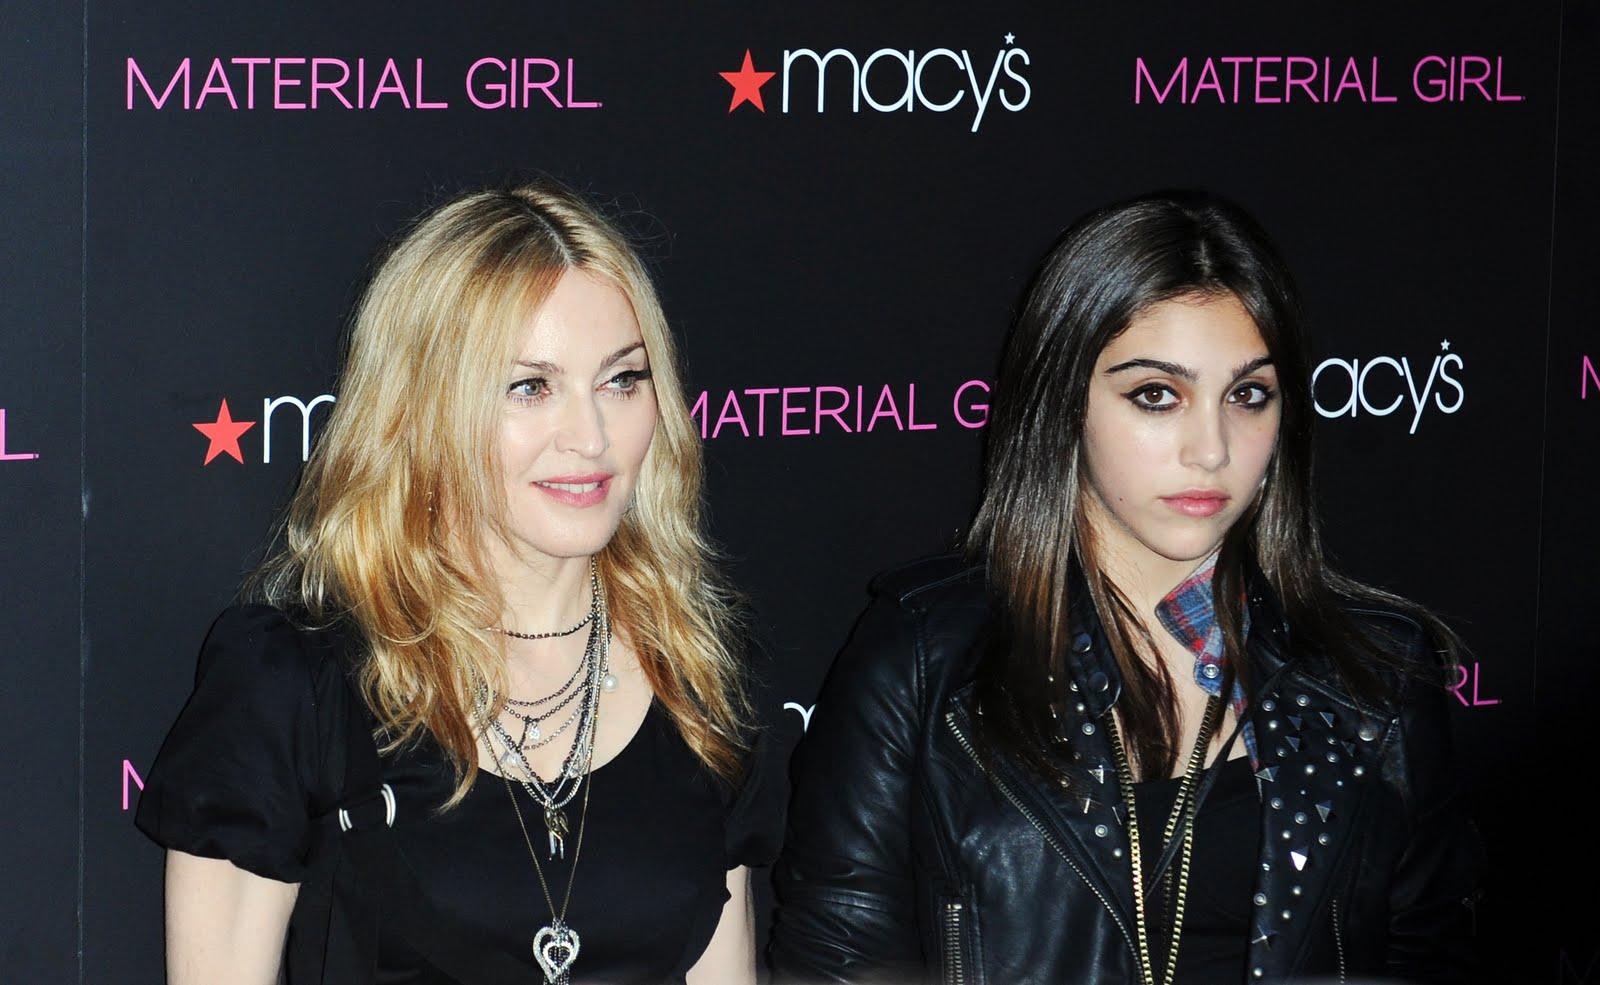 http://1.bp.blogspot.com/_QZk9-5nrPSU/TQ655VNC7eI/AAAAAAAAD0Y/0AwLxfuRLD8/s1600/FP_5770480_Madonna_RAM_092210.jpg